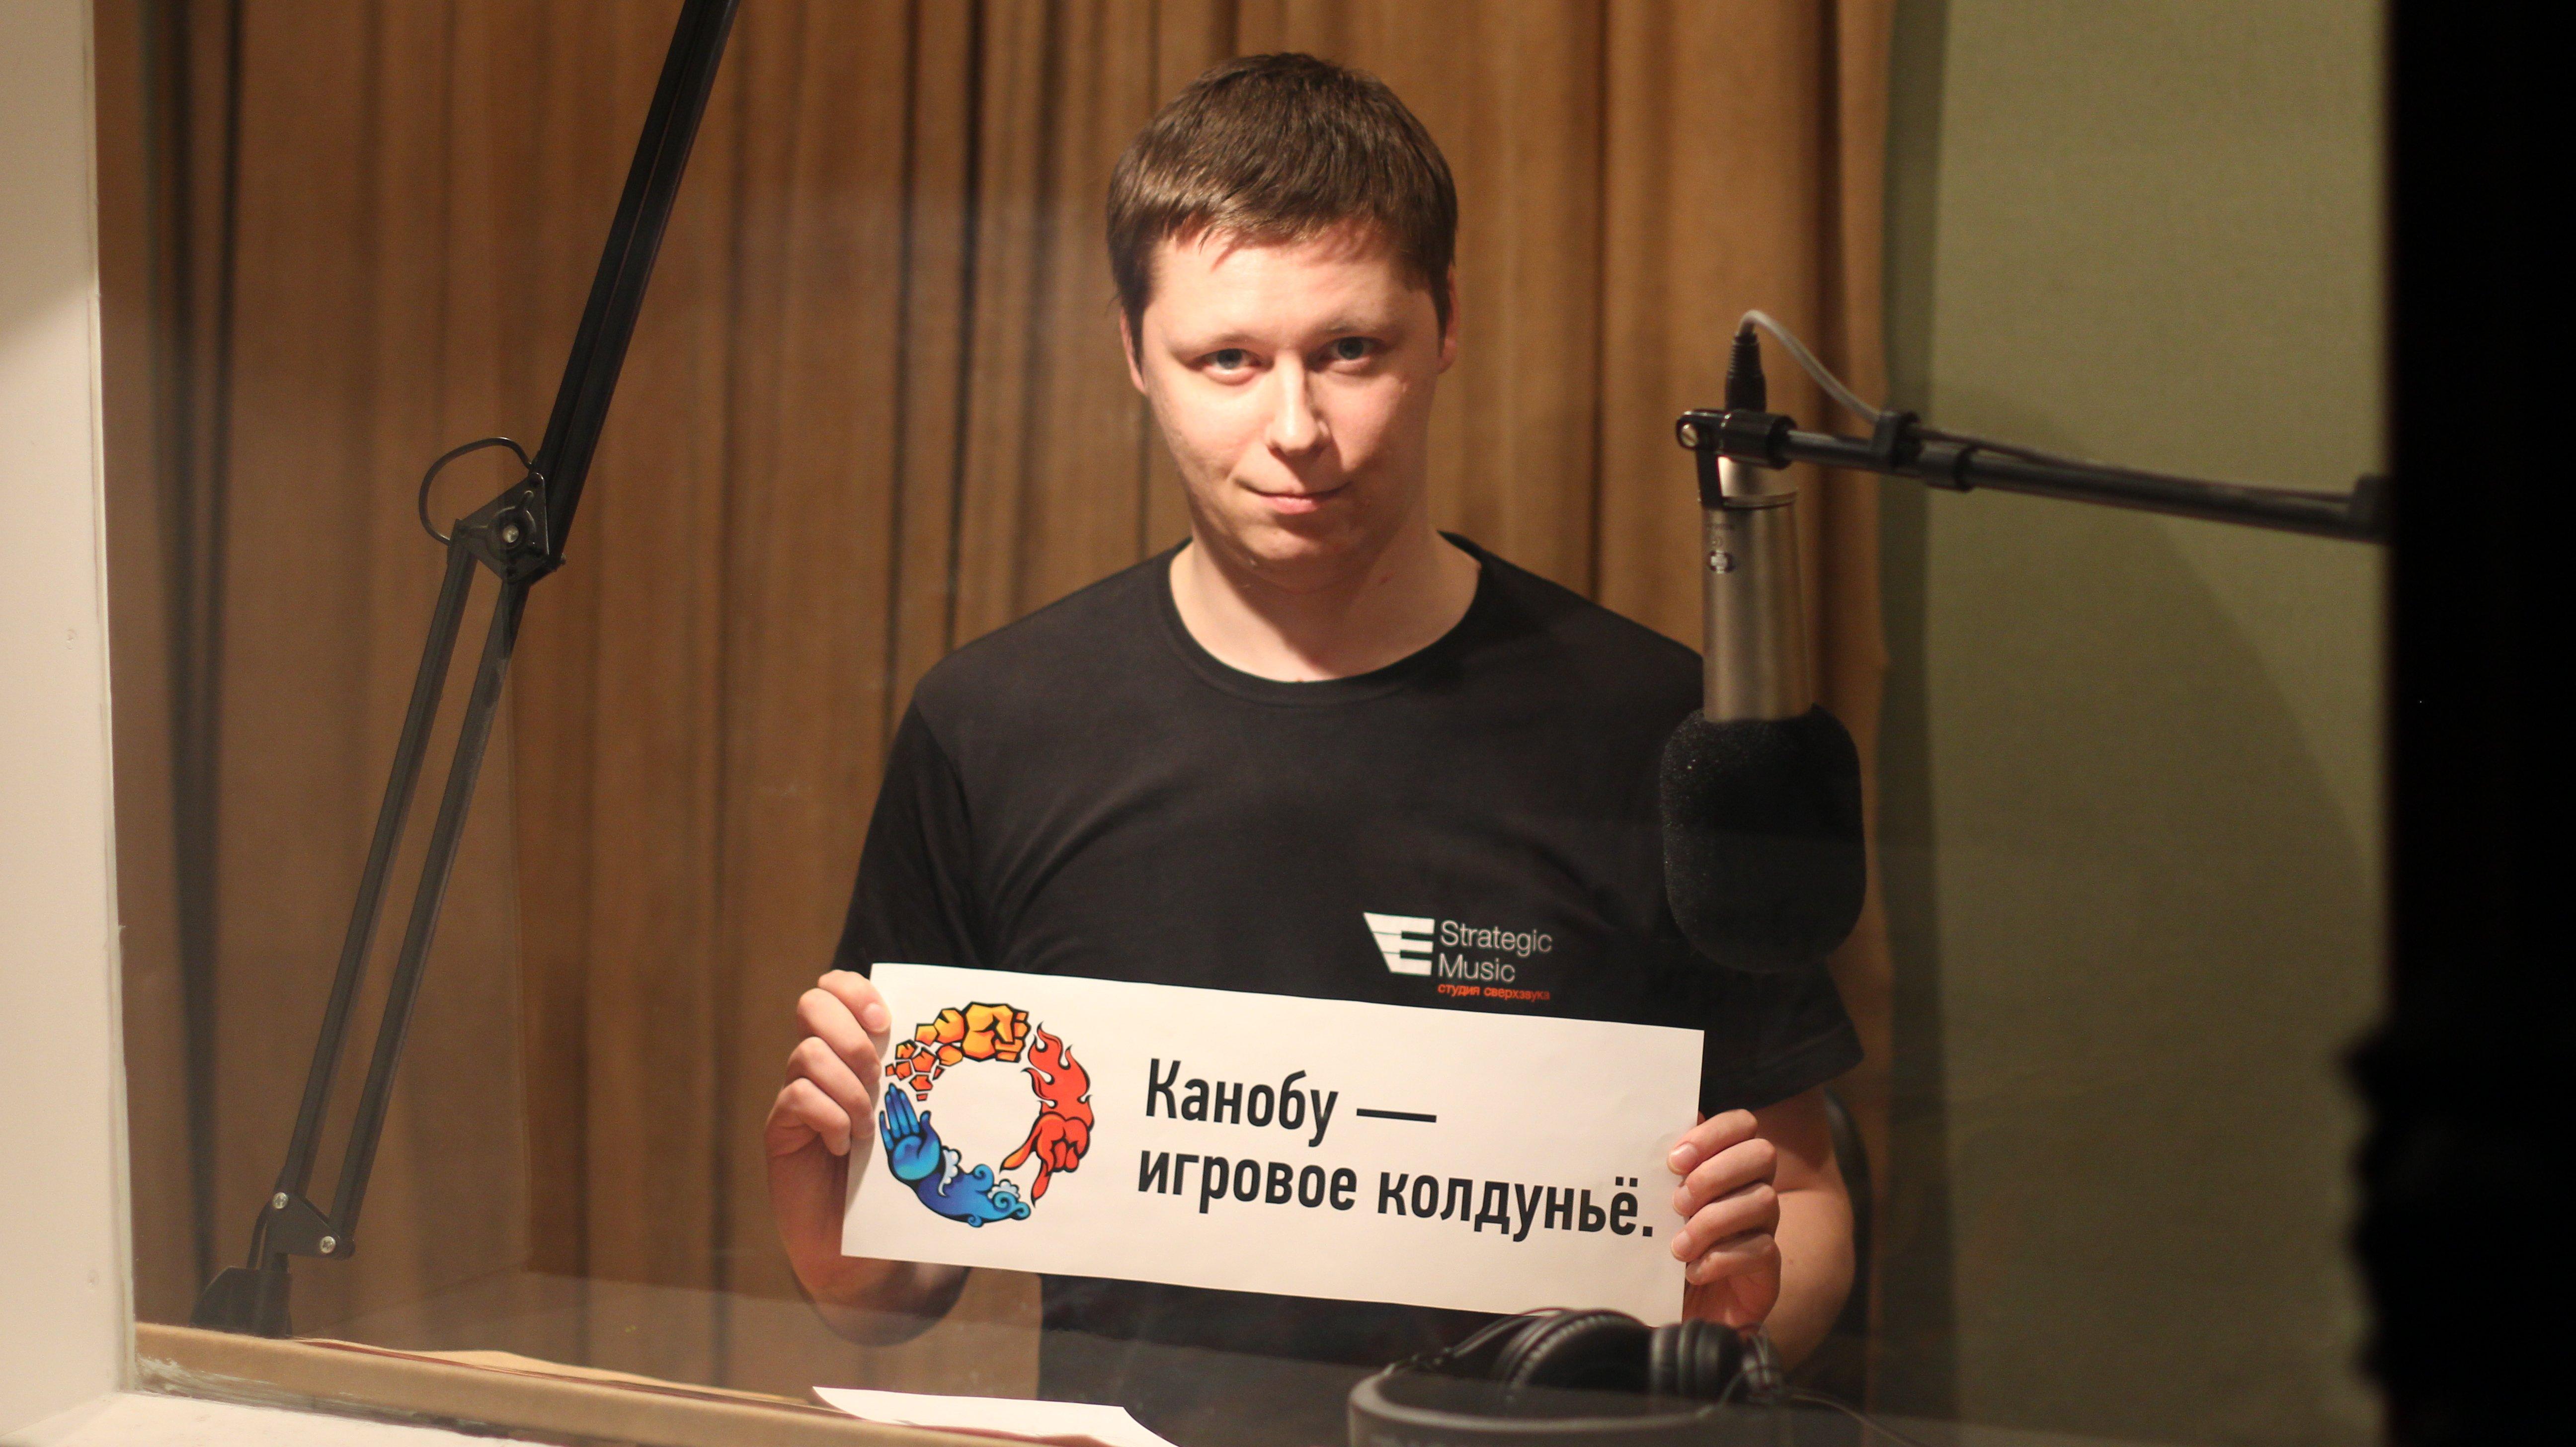 Стратегия Музыки: Интервью с Станиславом Полеско - Изображение 1